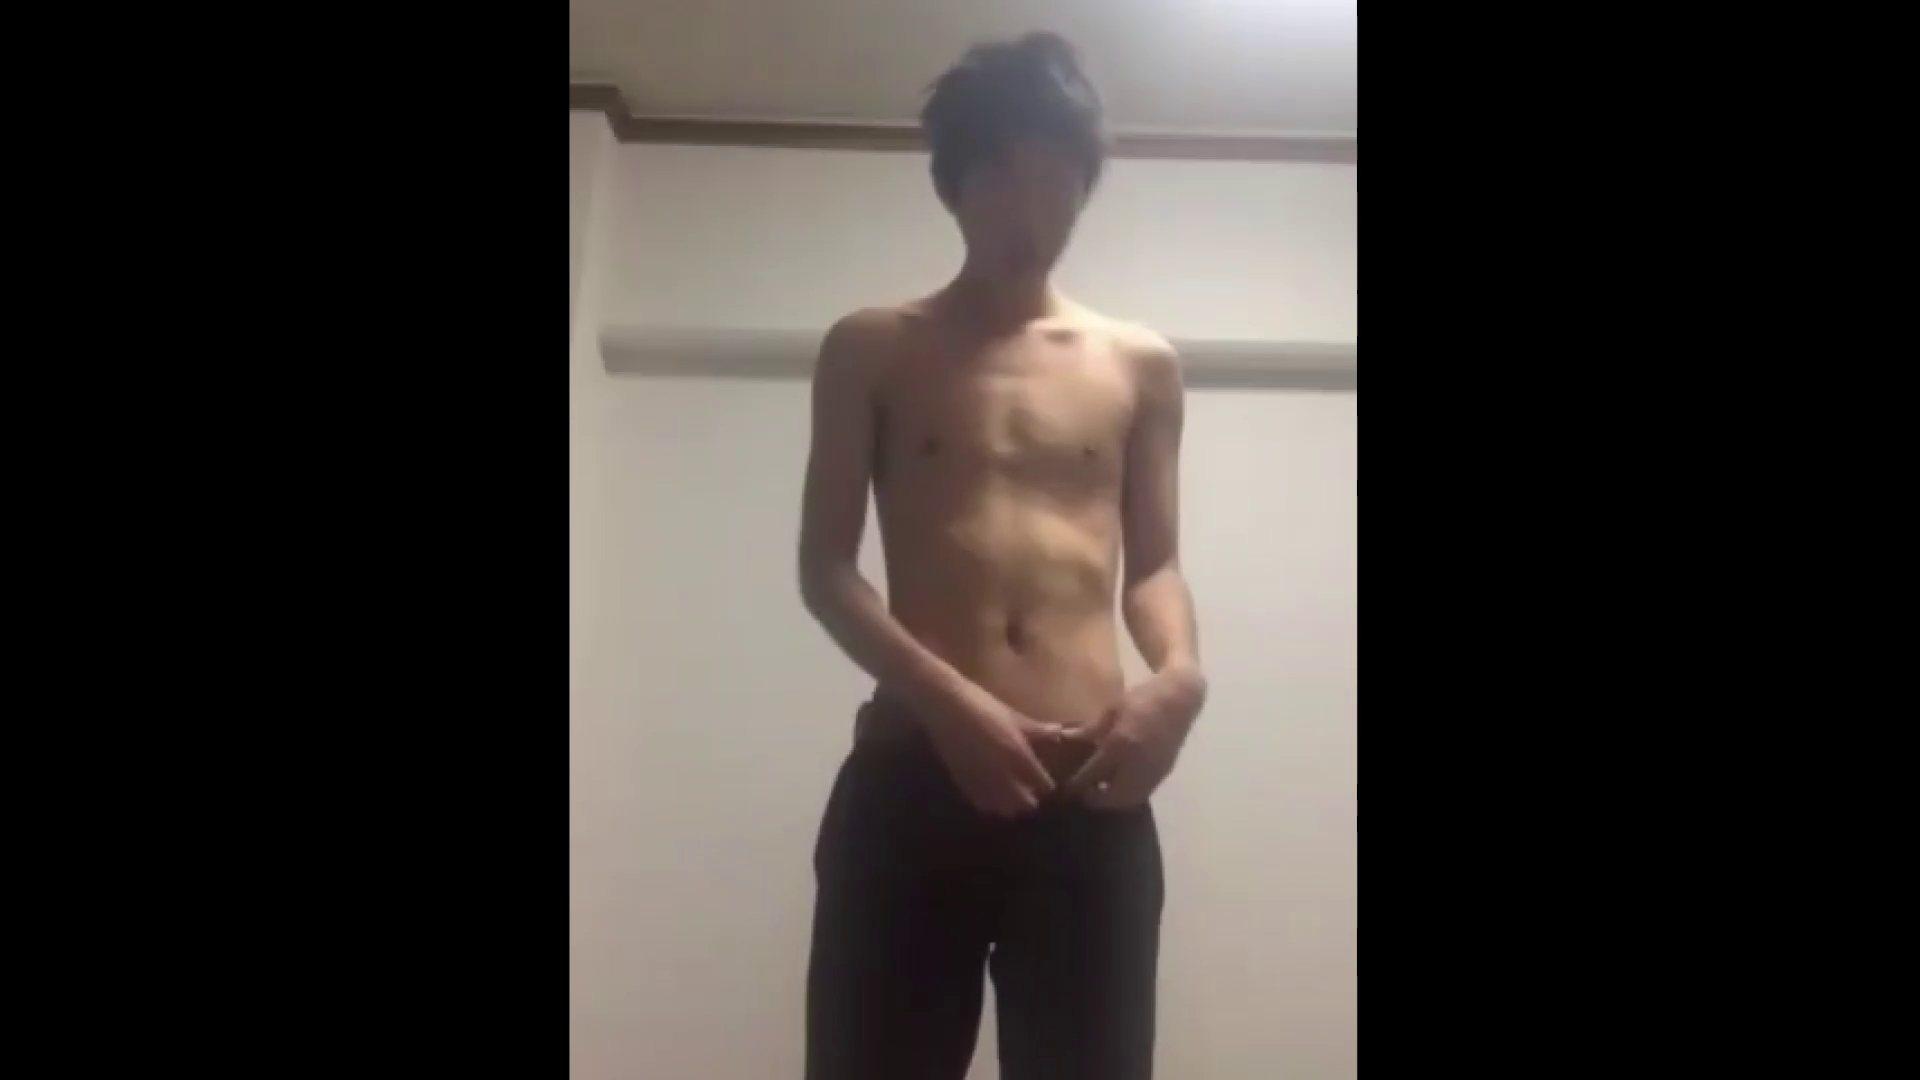 巨根 オナニー塾Vol.20 モ無し エロビデオ紹介 100枚 5